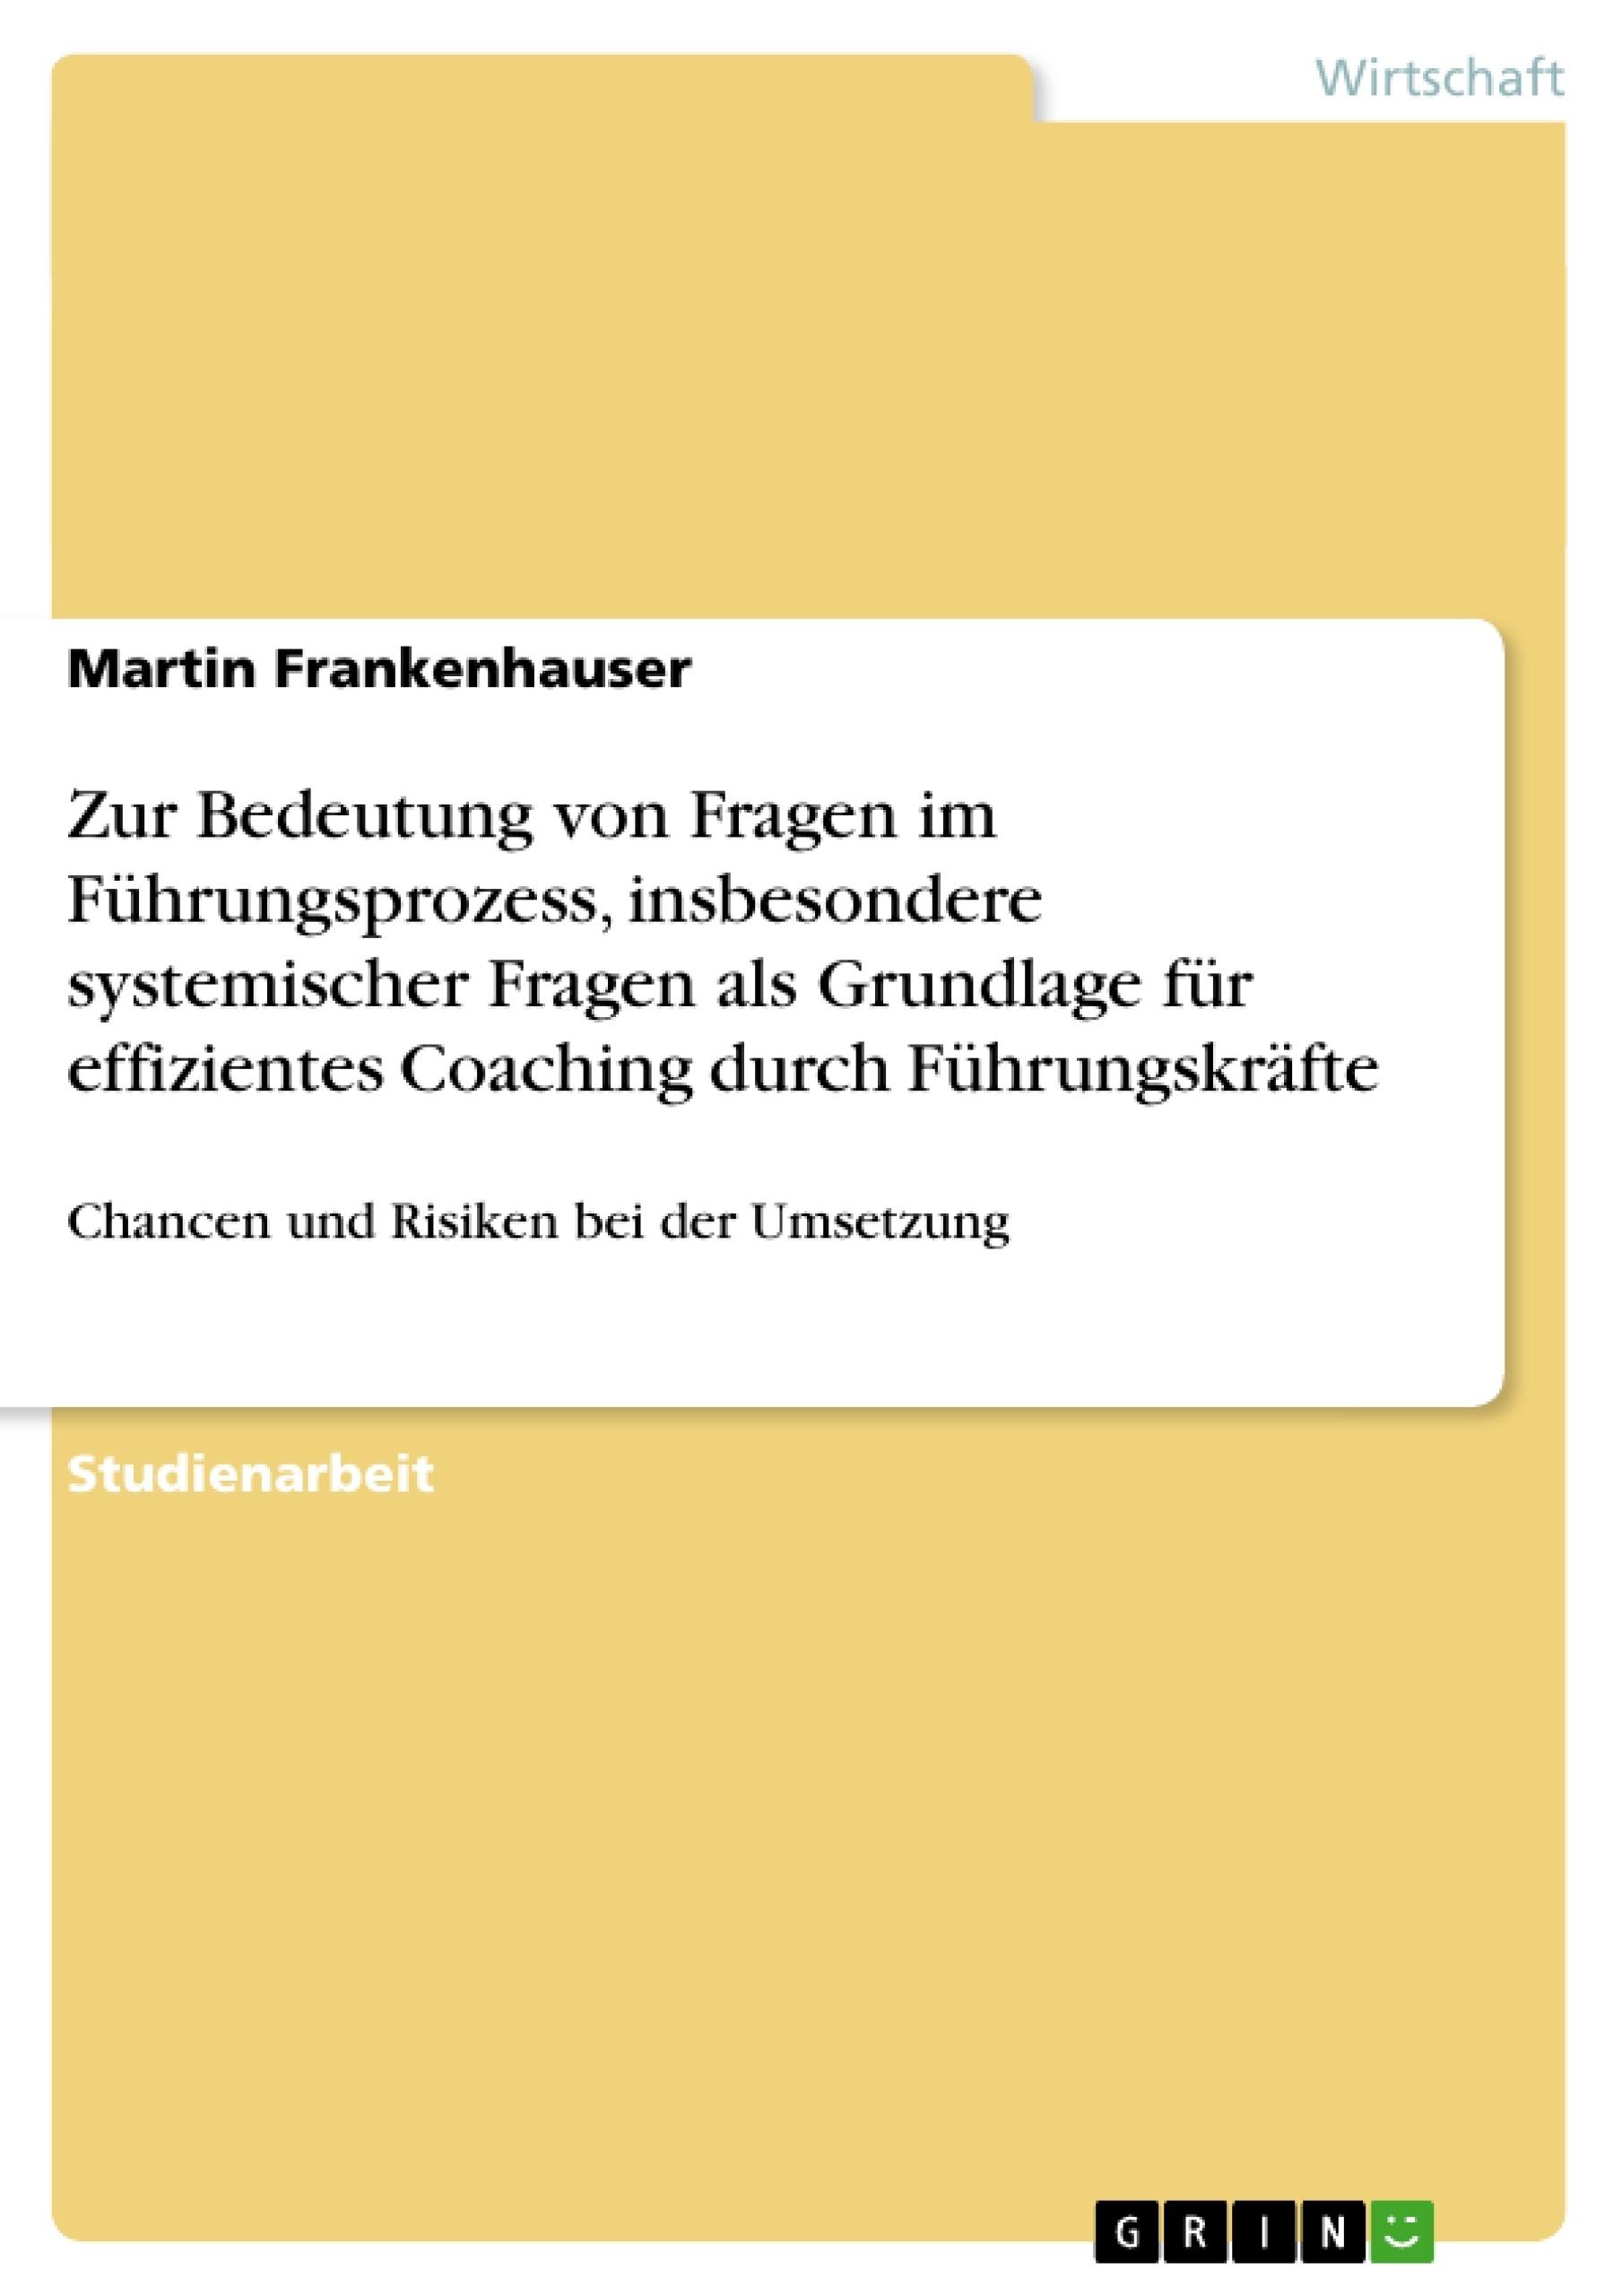 Titel: Zur Bedeutung von Fragen im Führungsprozess, insbesondere systemischer Fragen als Grundlage für effizientes Coaching durch Führungskräfte